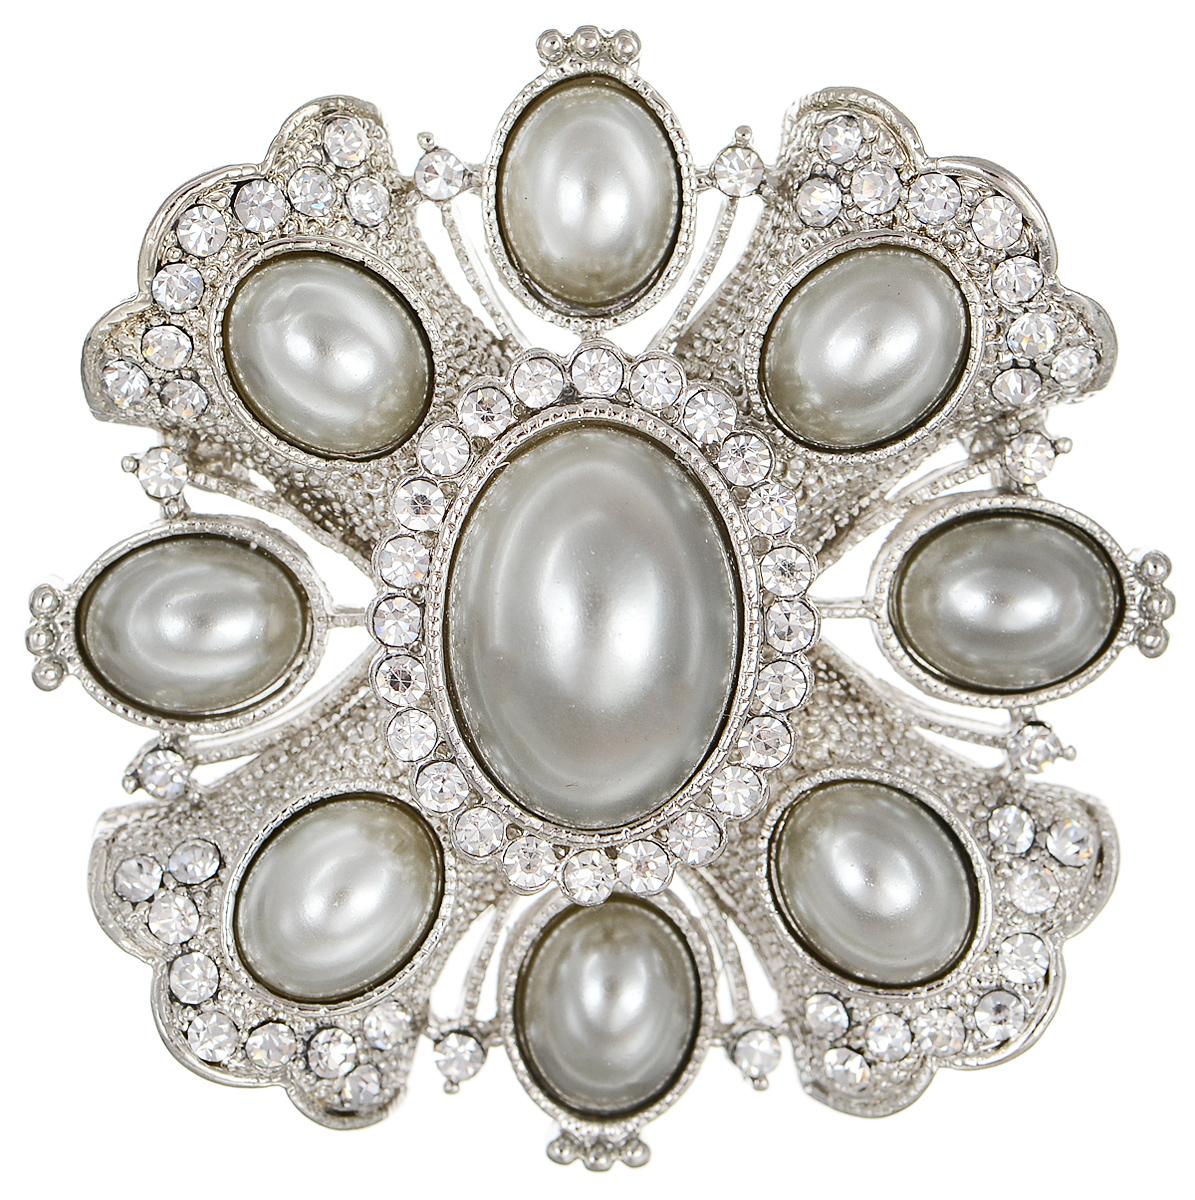 Брошь Selena Street Fashion, цвет: серебристый, серый. 3002701030027010Роскошная брошь Selena Street Fashion изготовлена из латуни с родиевым покрытием. Брошь оформлена кристаллами Preciosa и вставками из искусственного жемчуга. Изделие крепится с помощью замка-булавки. Такая брошь позволит вам с легкостью воплотить самую смелую фантазию и создать собственный неповторимый образ.